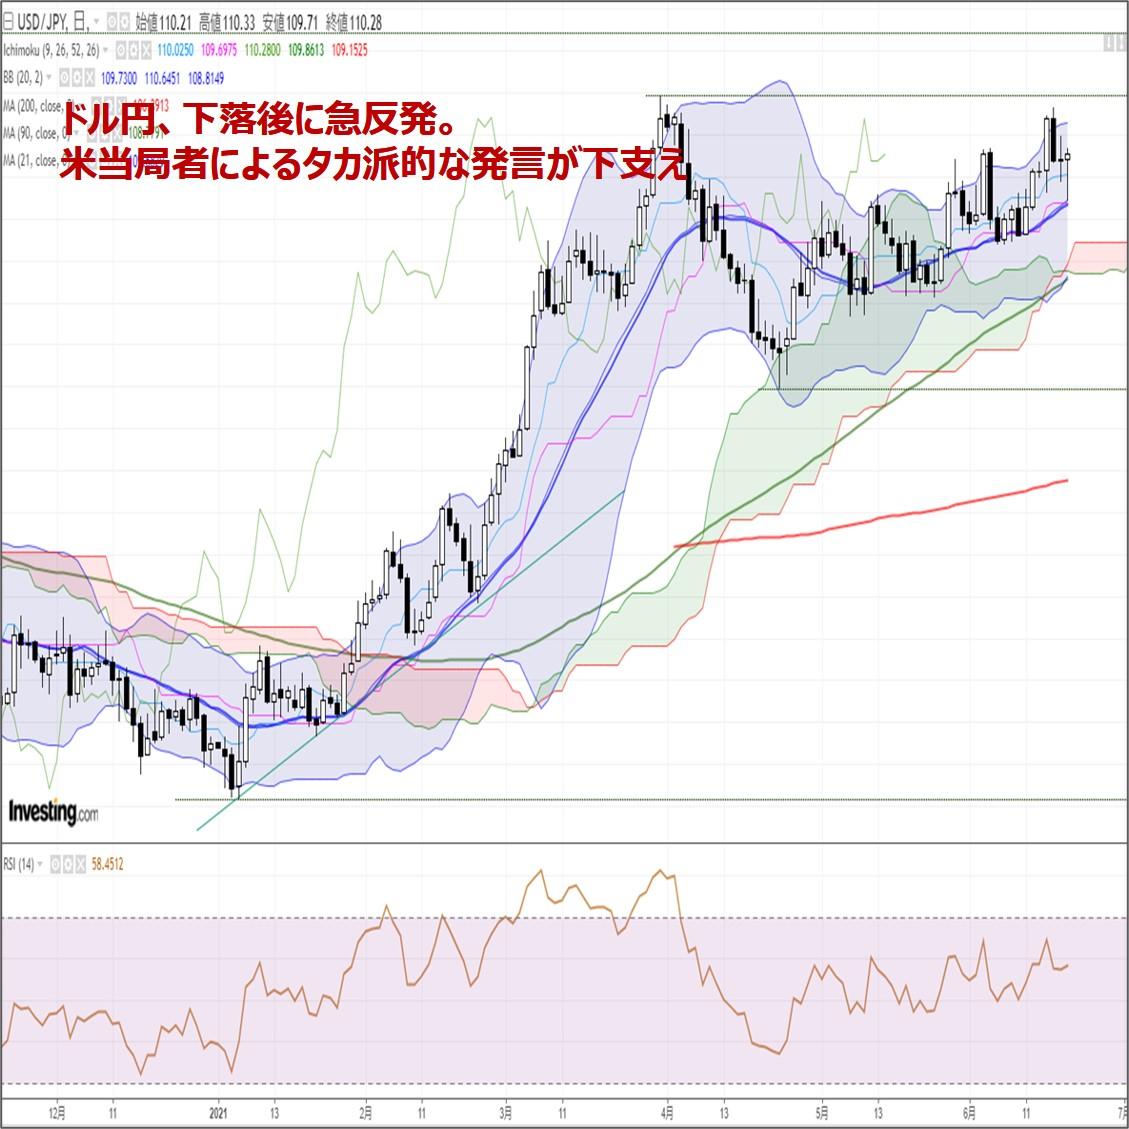 ドル円、下落後に急反発。米当局者によるタカ派的な発言が下支え